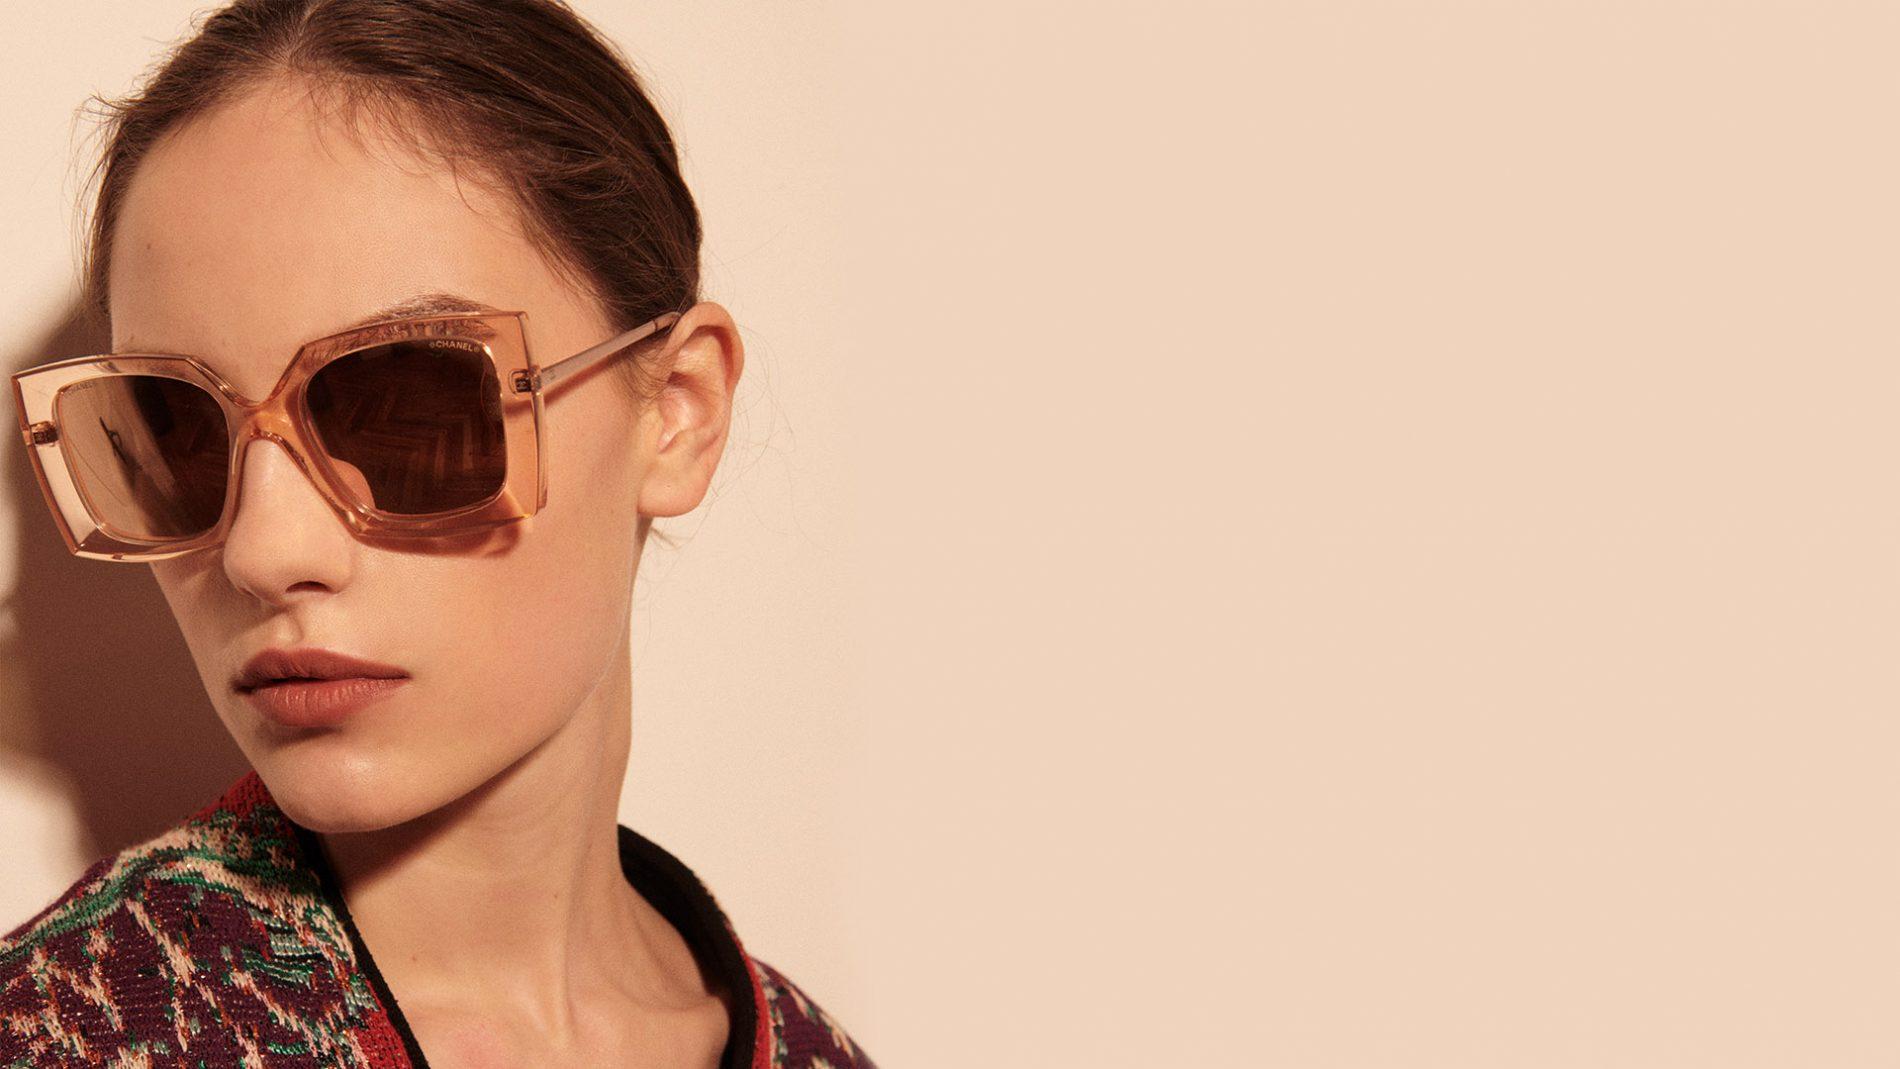 El Corte Inglés Diseñador Gafas de sol Ready-To-Wear Chanel Etro